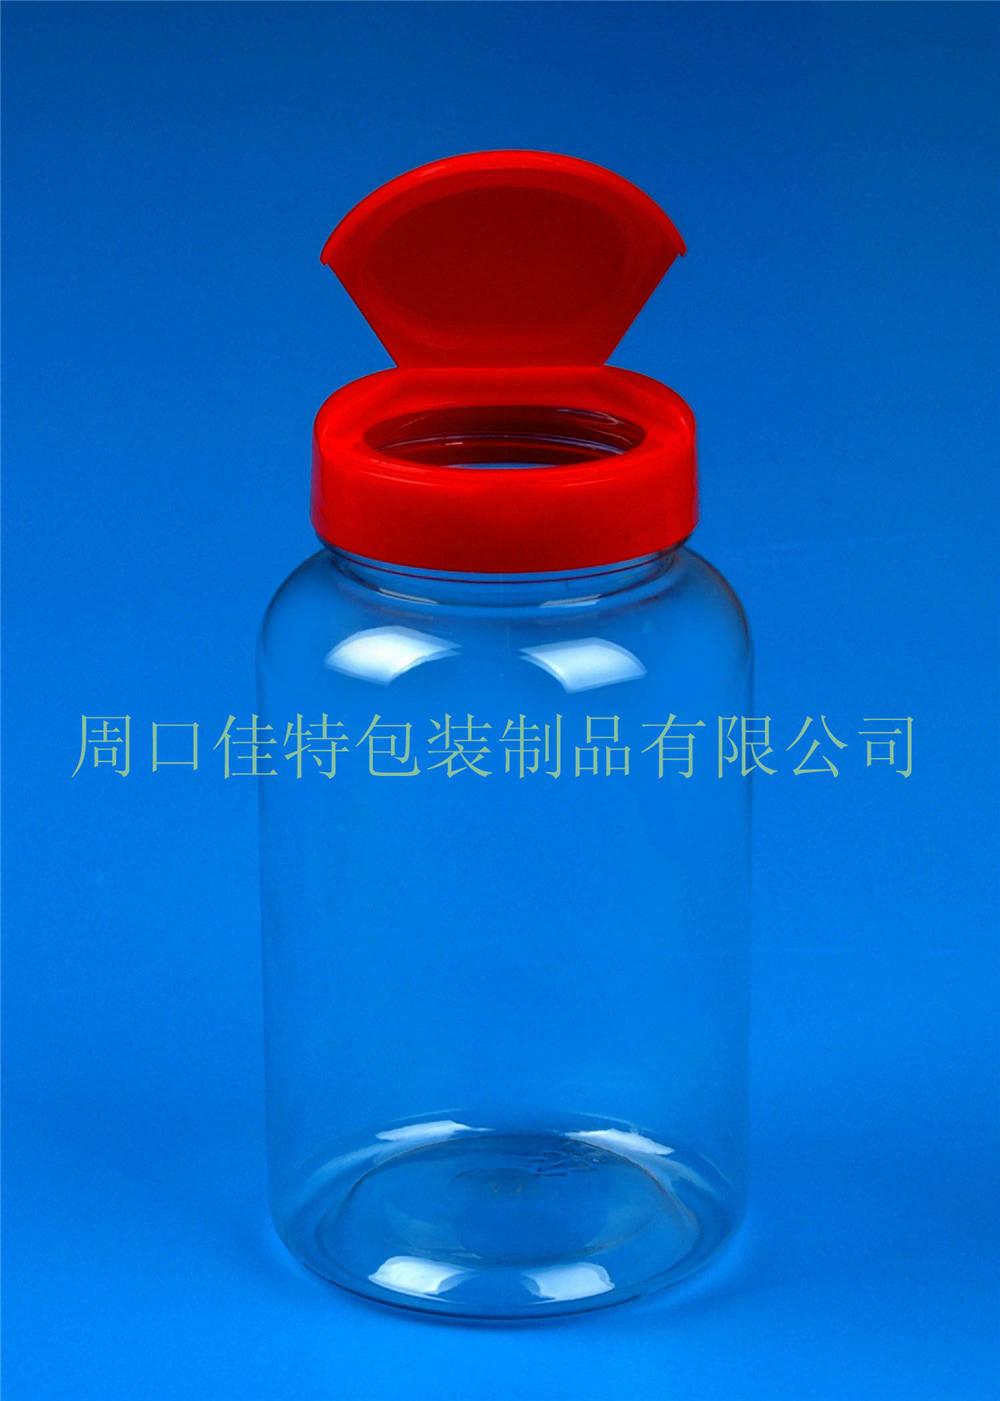 保健品瓶公司